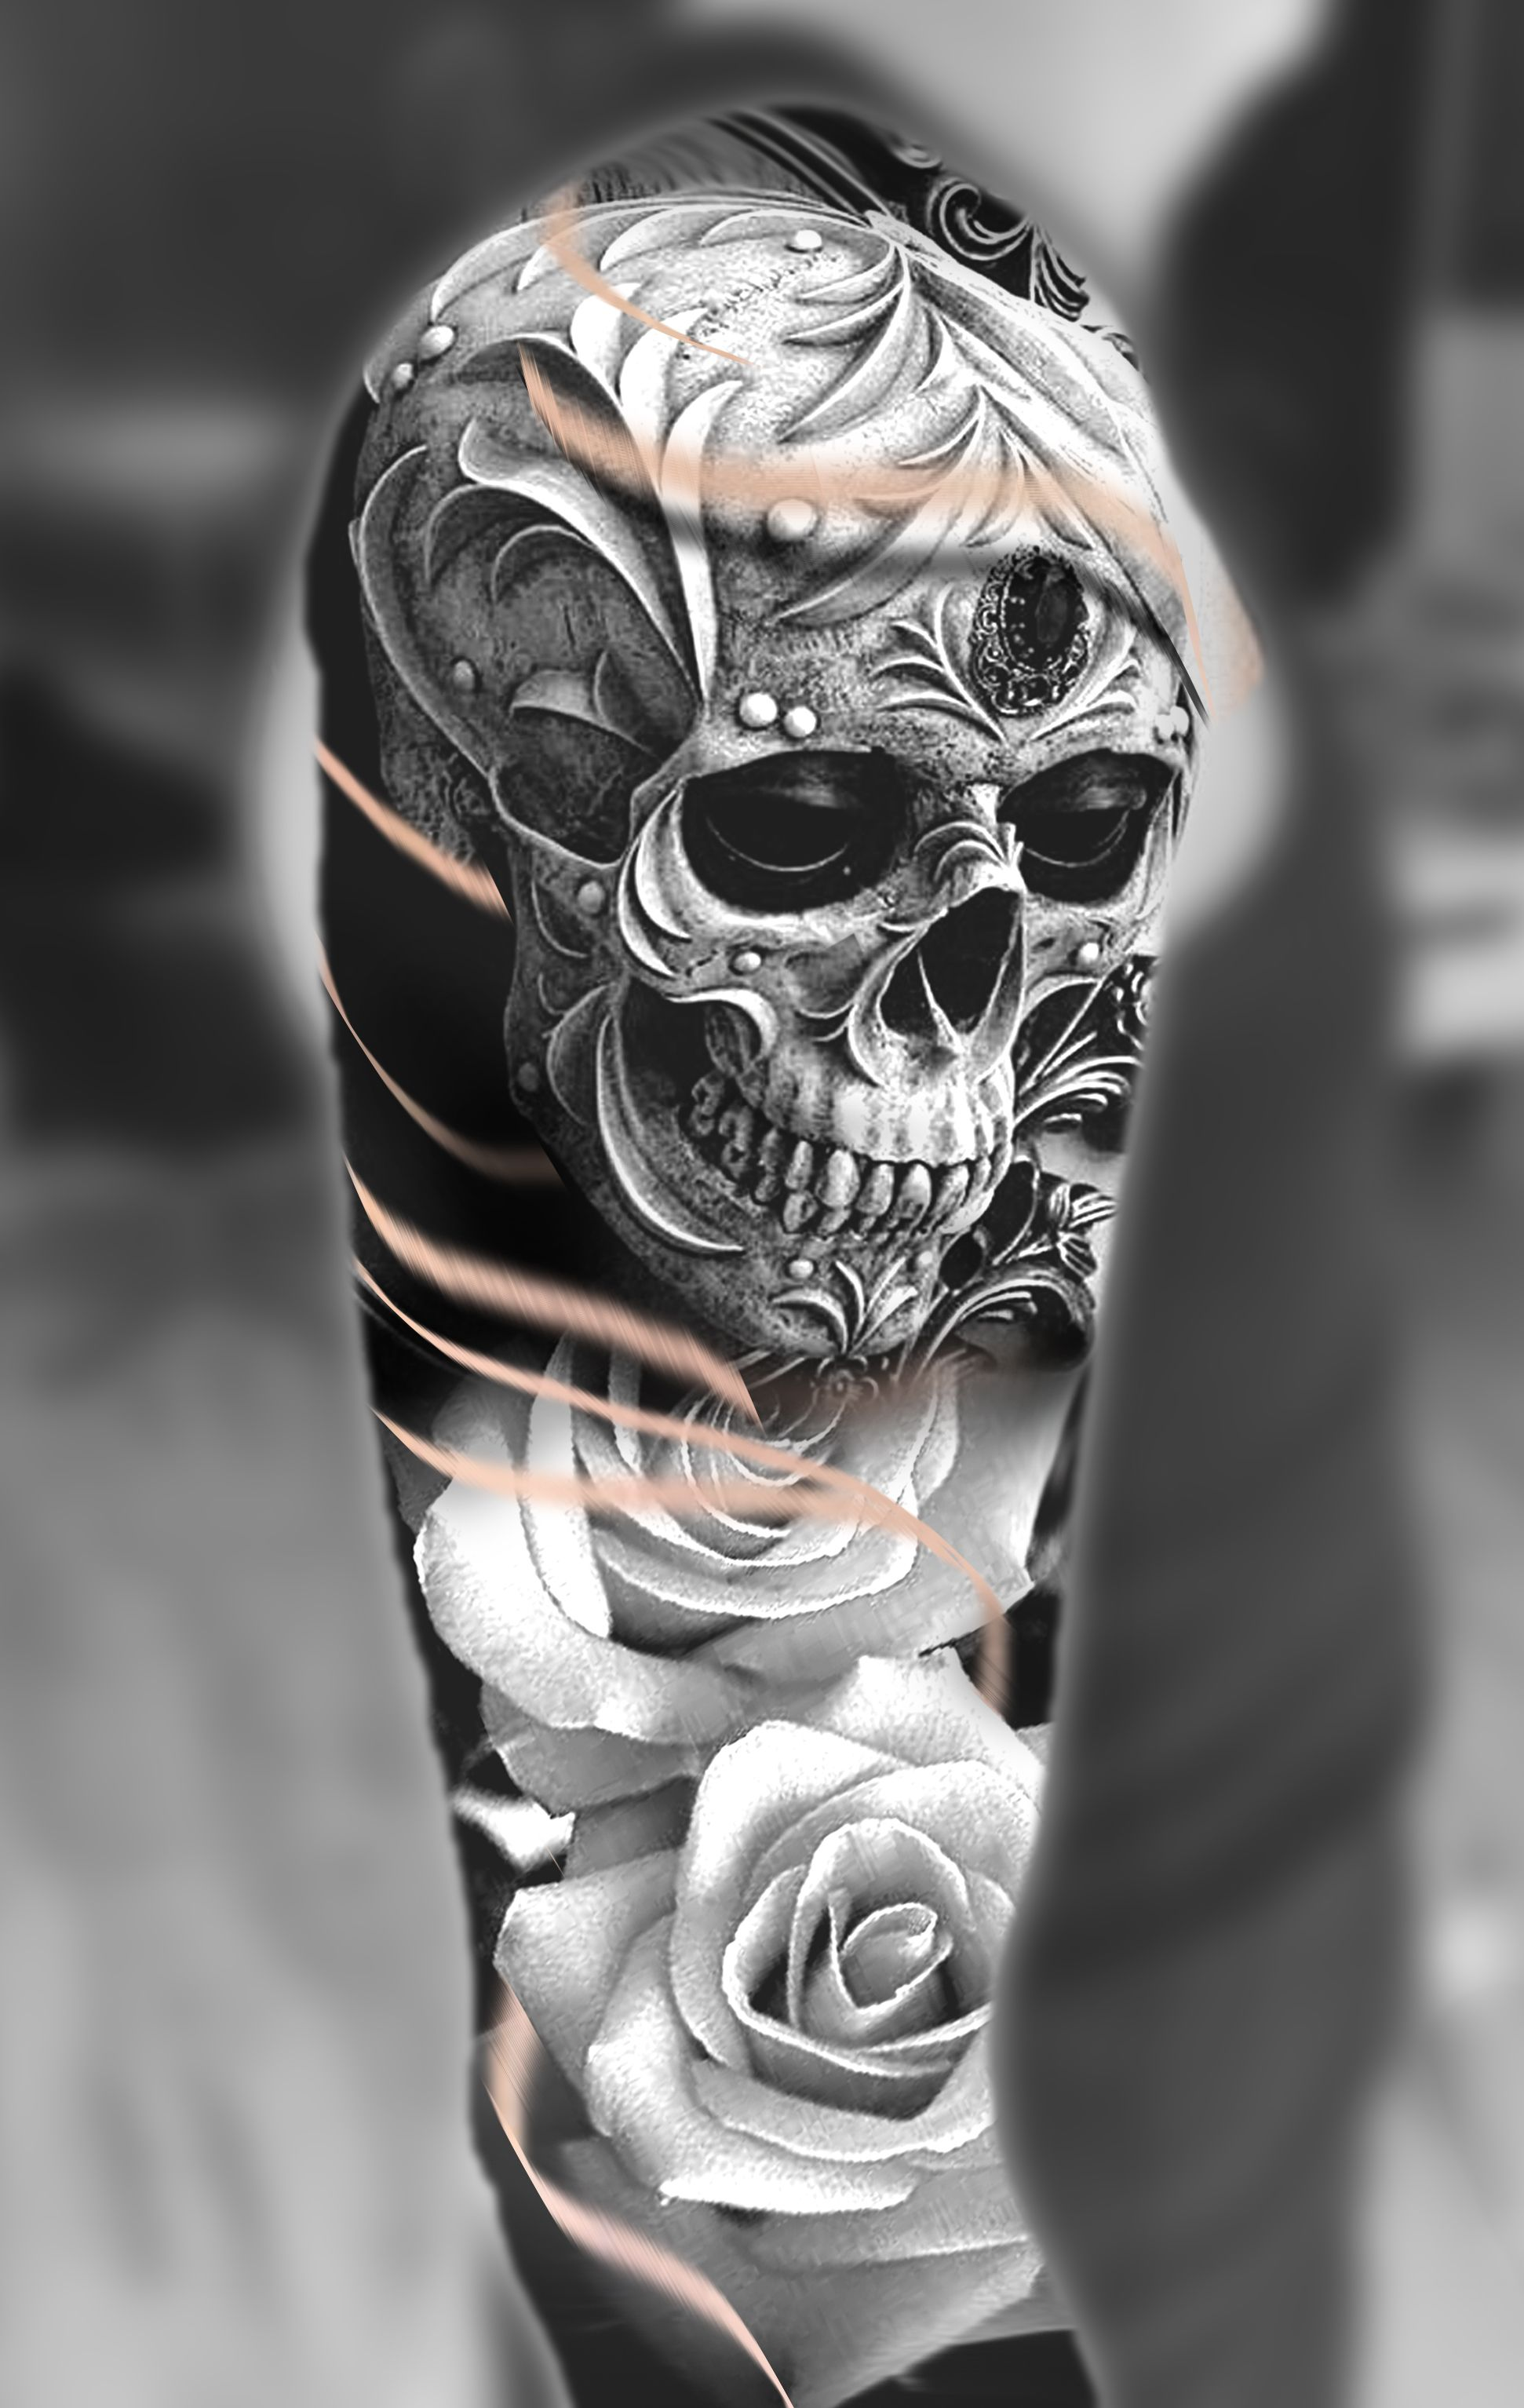 Skull And Roses Shoulder Tattoo Design Skull Sleeve Tattoos Skull Rose Tattoos Tattoos